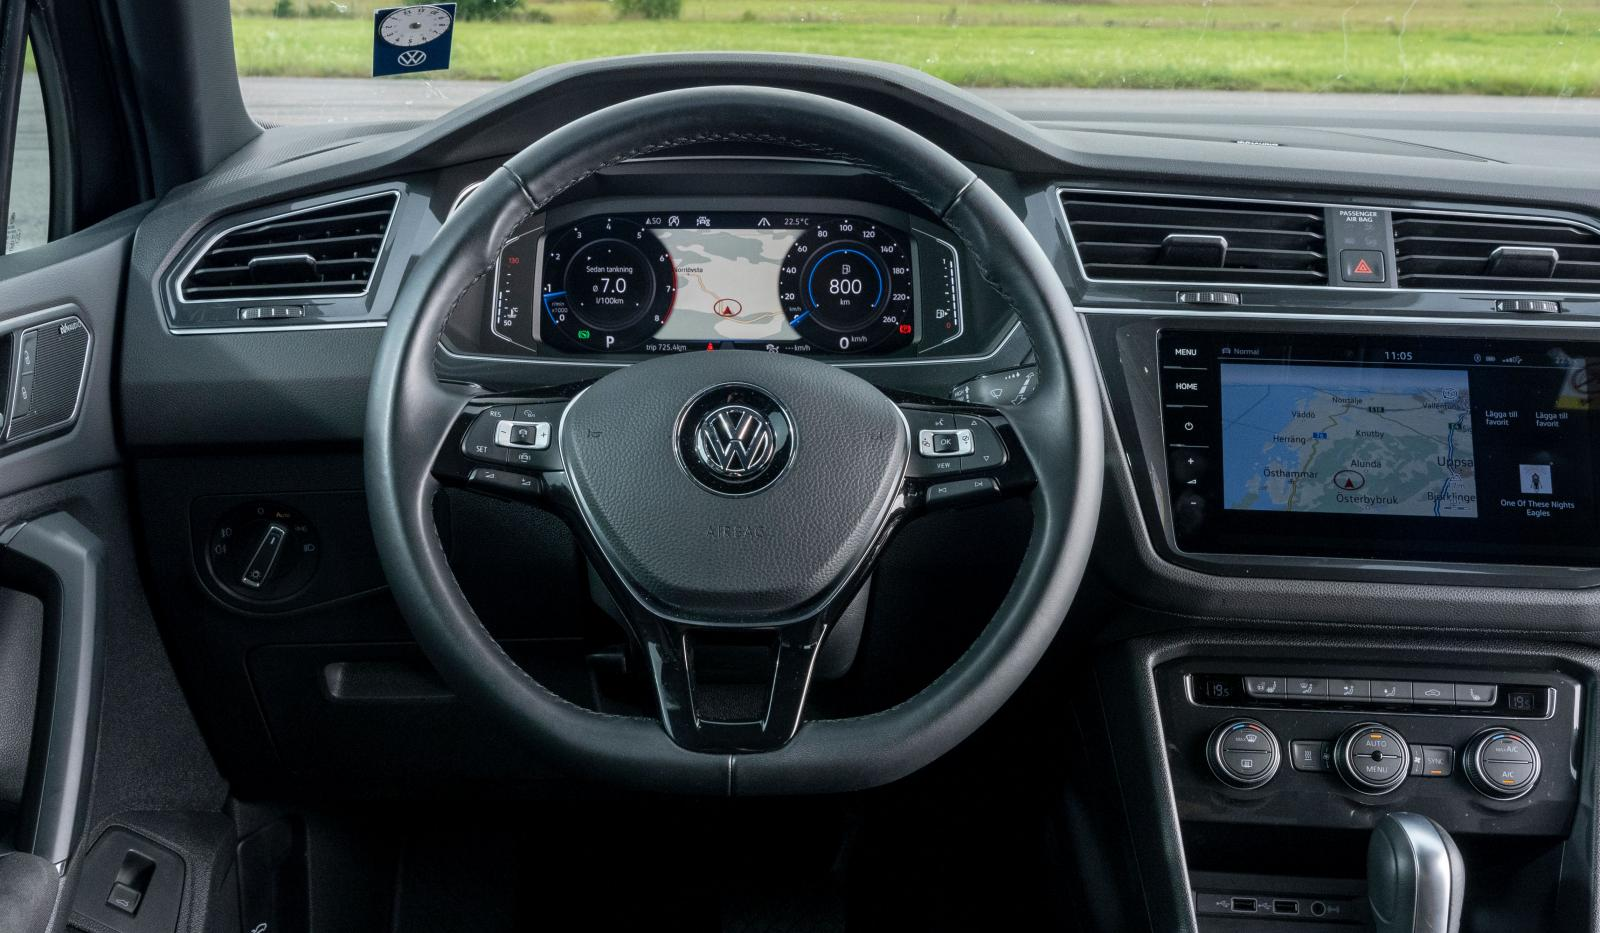 Volkswagen: Grundform och funktioner är bekanta för miljoner VW-bilister. Bra rattknappar, lätt att hitta rätt körställning men rattens lutning passar inte alla.